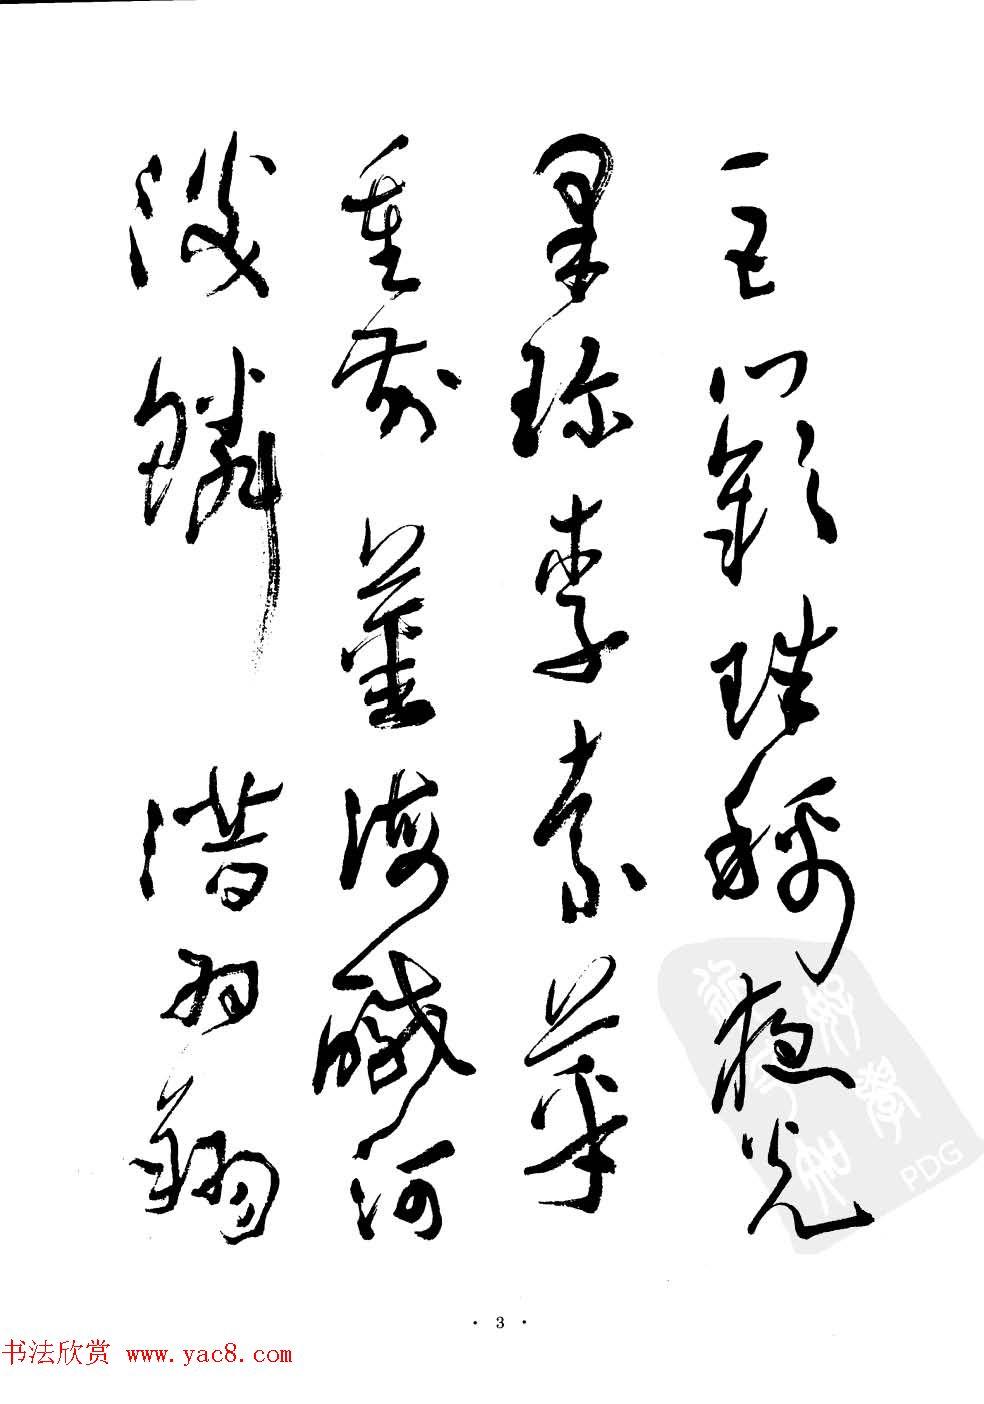 当代名家沈鹏草书字帖欣赏《千字文》